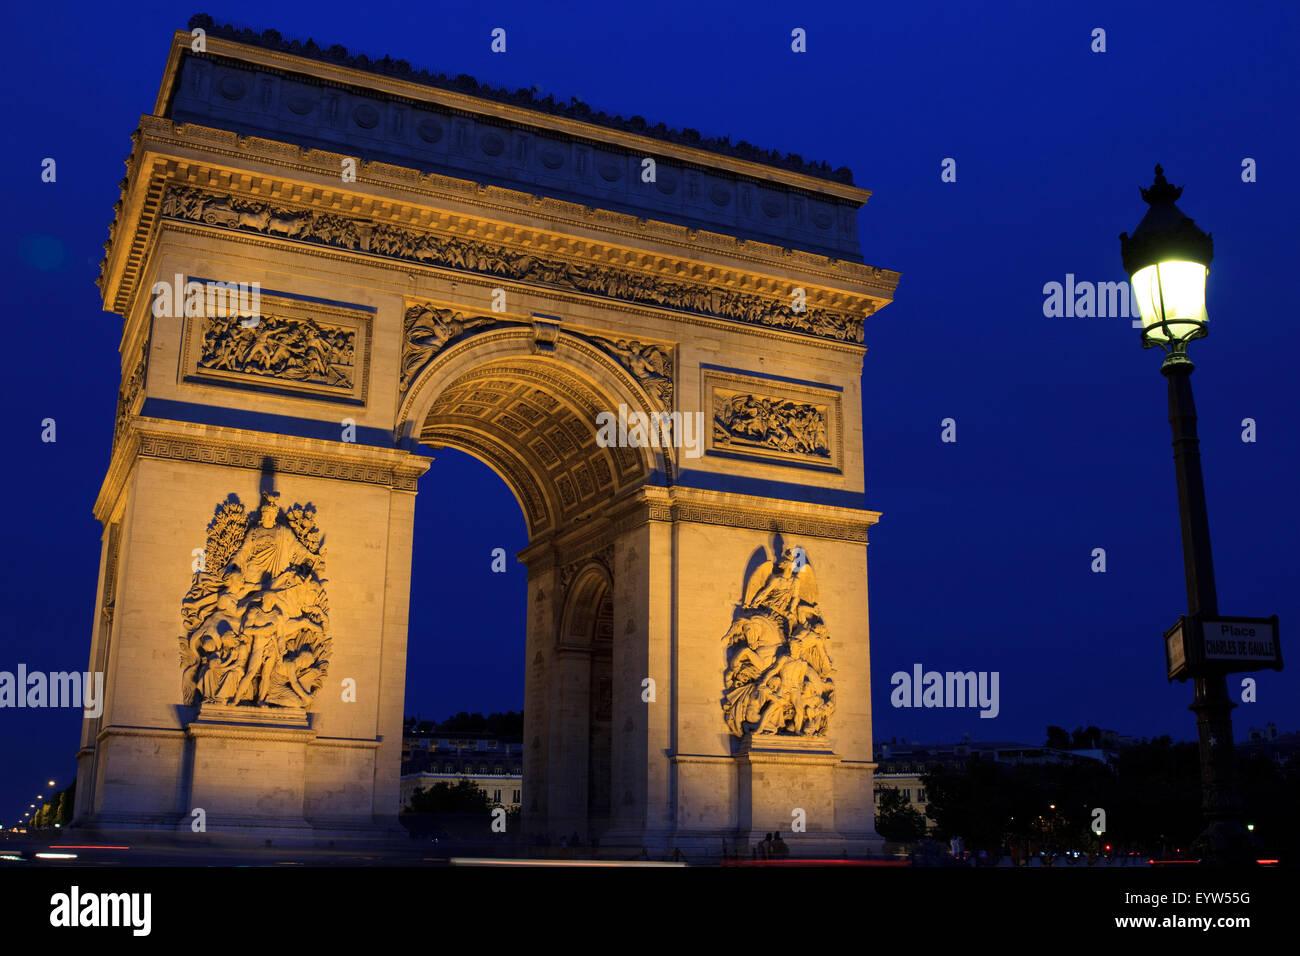 Arc de Triomphe de l'Étoile at blue hour as seen from The Avenue de la Grande Armée/Place Charles - Stock Image